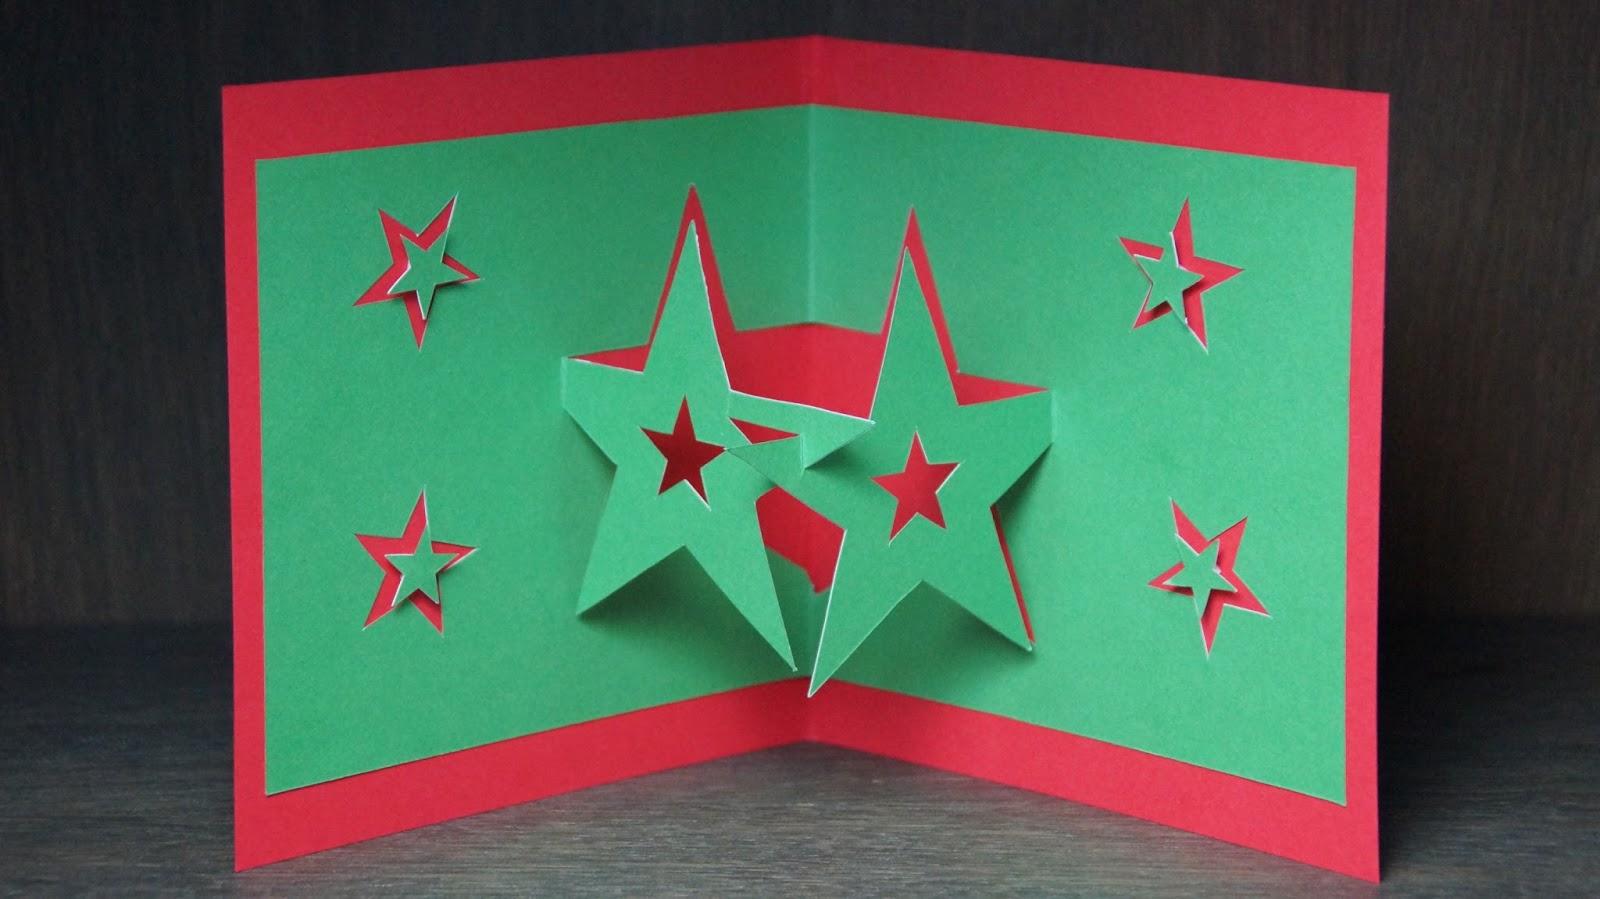 Basteln Und Mehr Pop Up Karten Basteln Zu Weihnachten Sternen